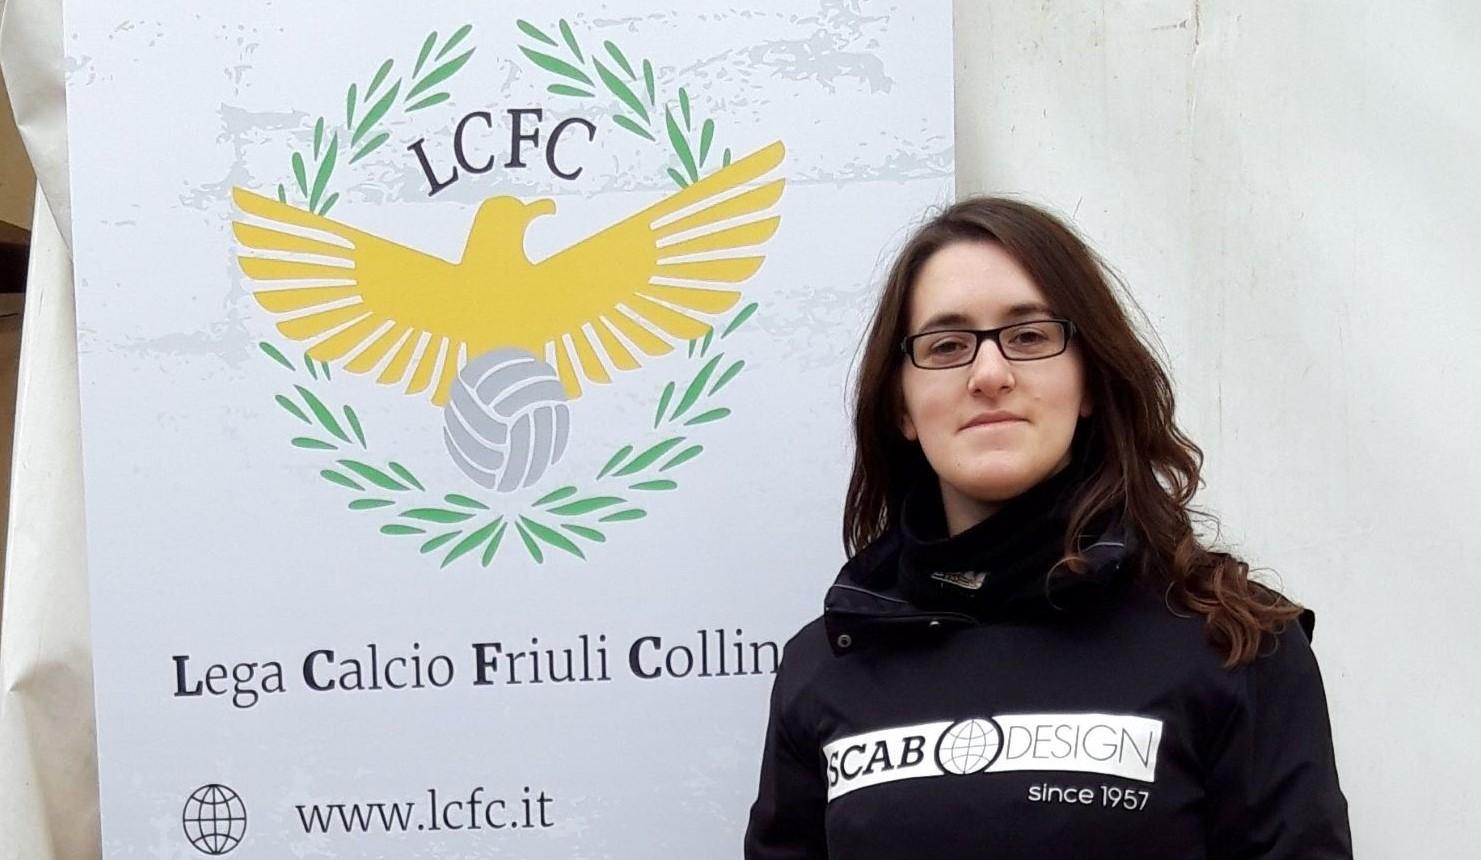 Elisabetta, la videomaker della Lcfc